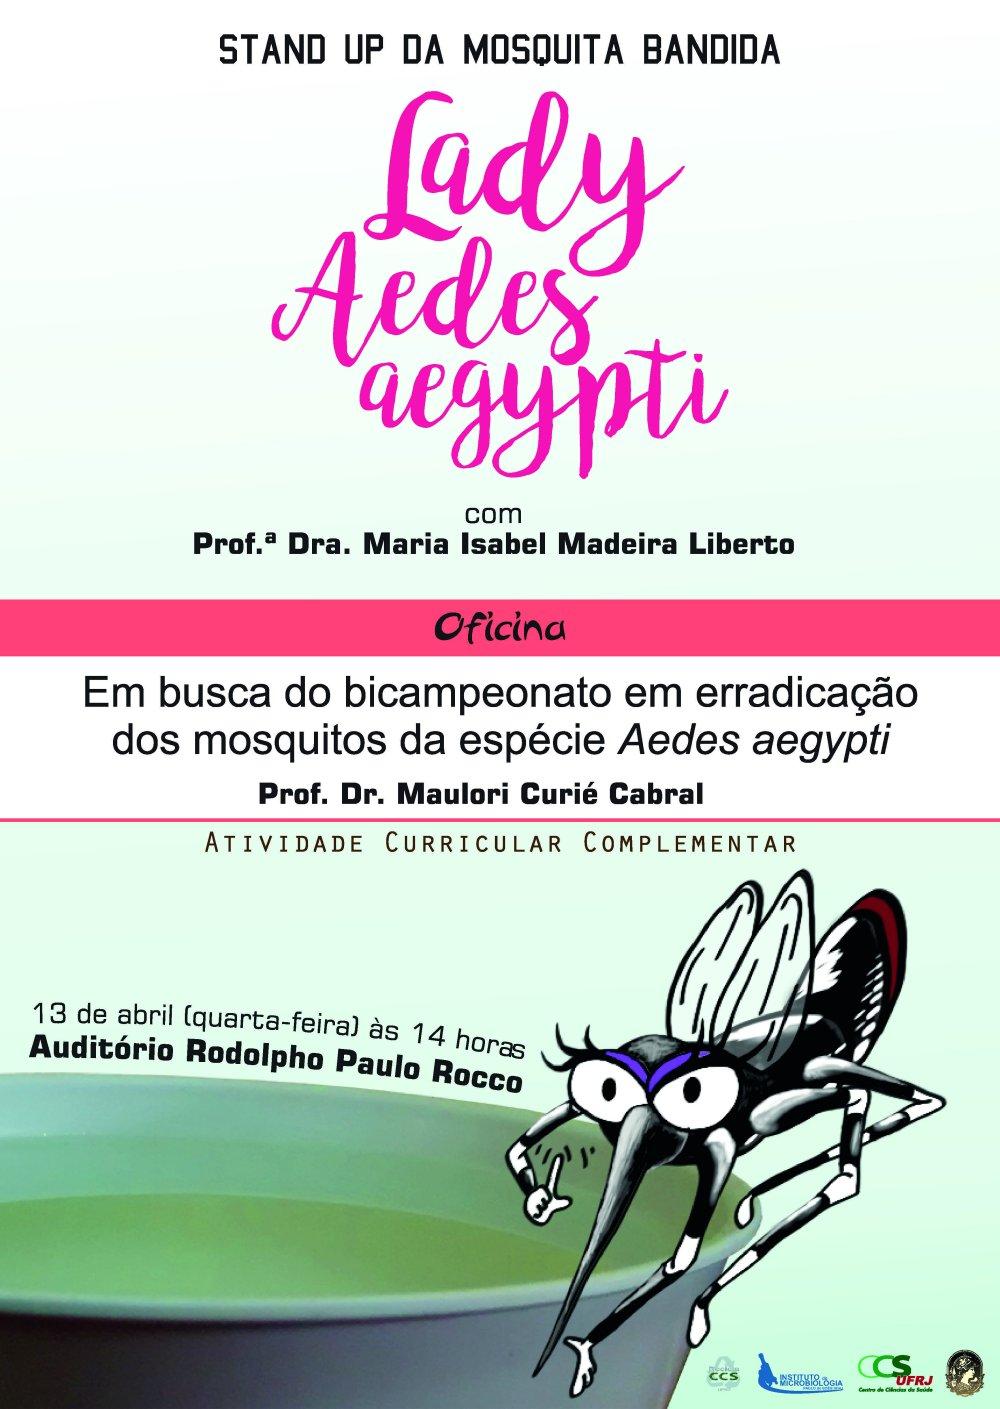 Lady Aedes-cartaz-2016-EDITADA